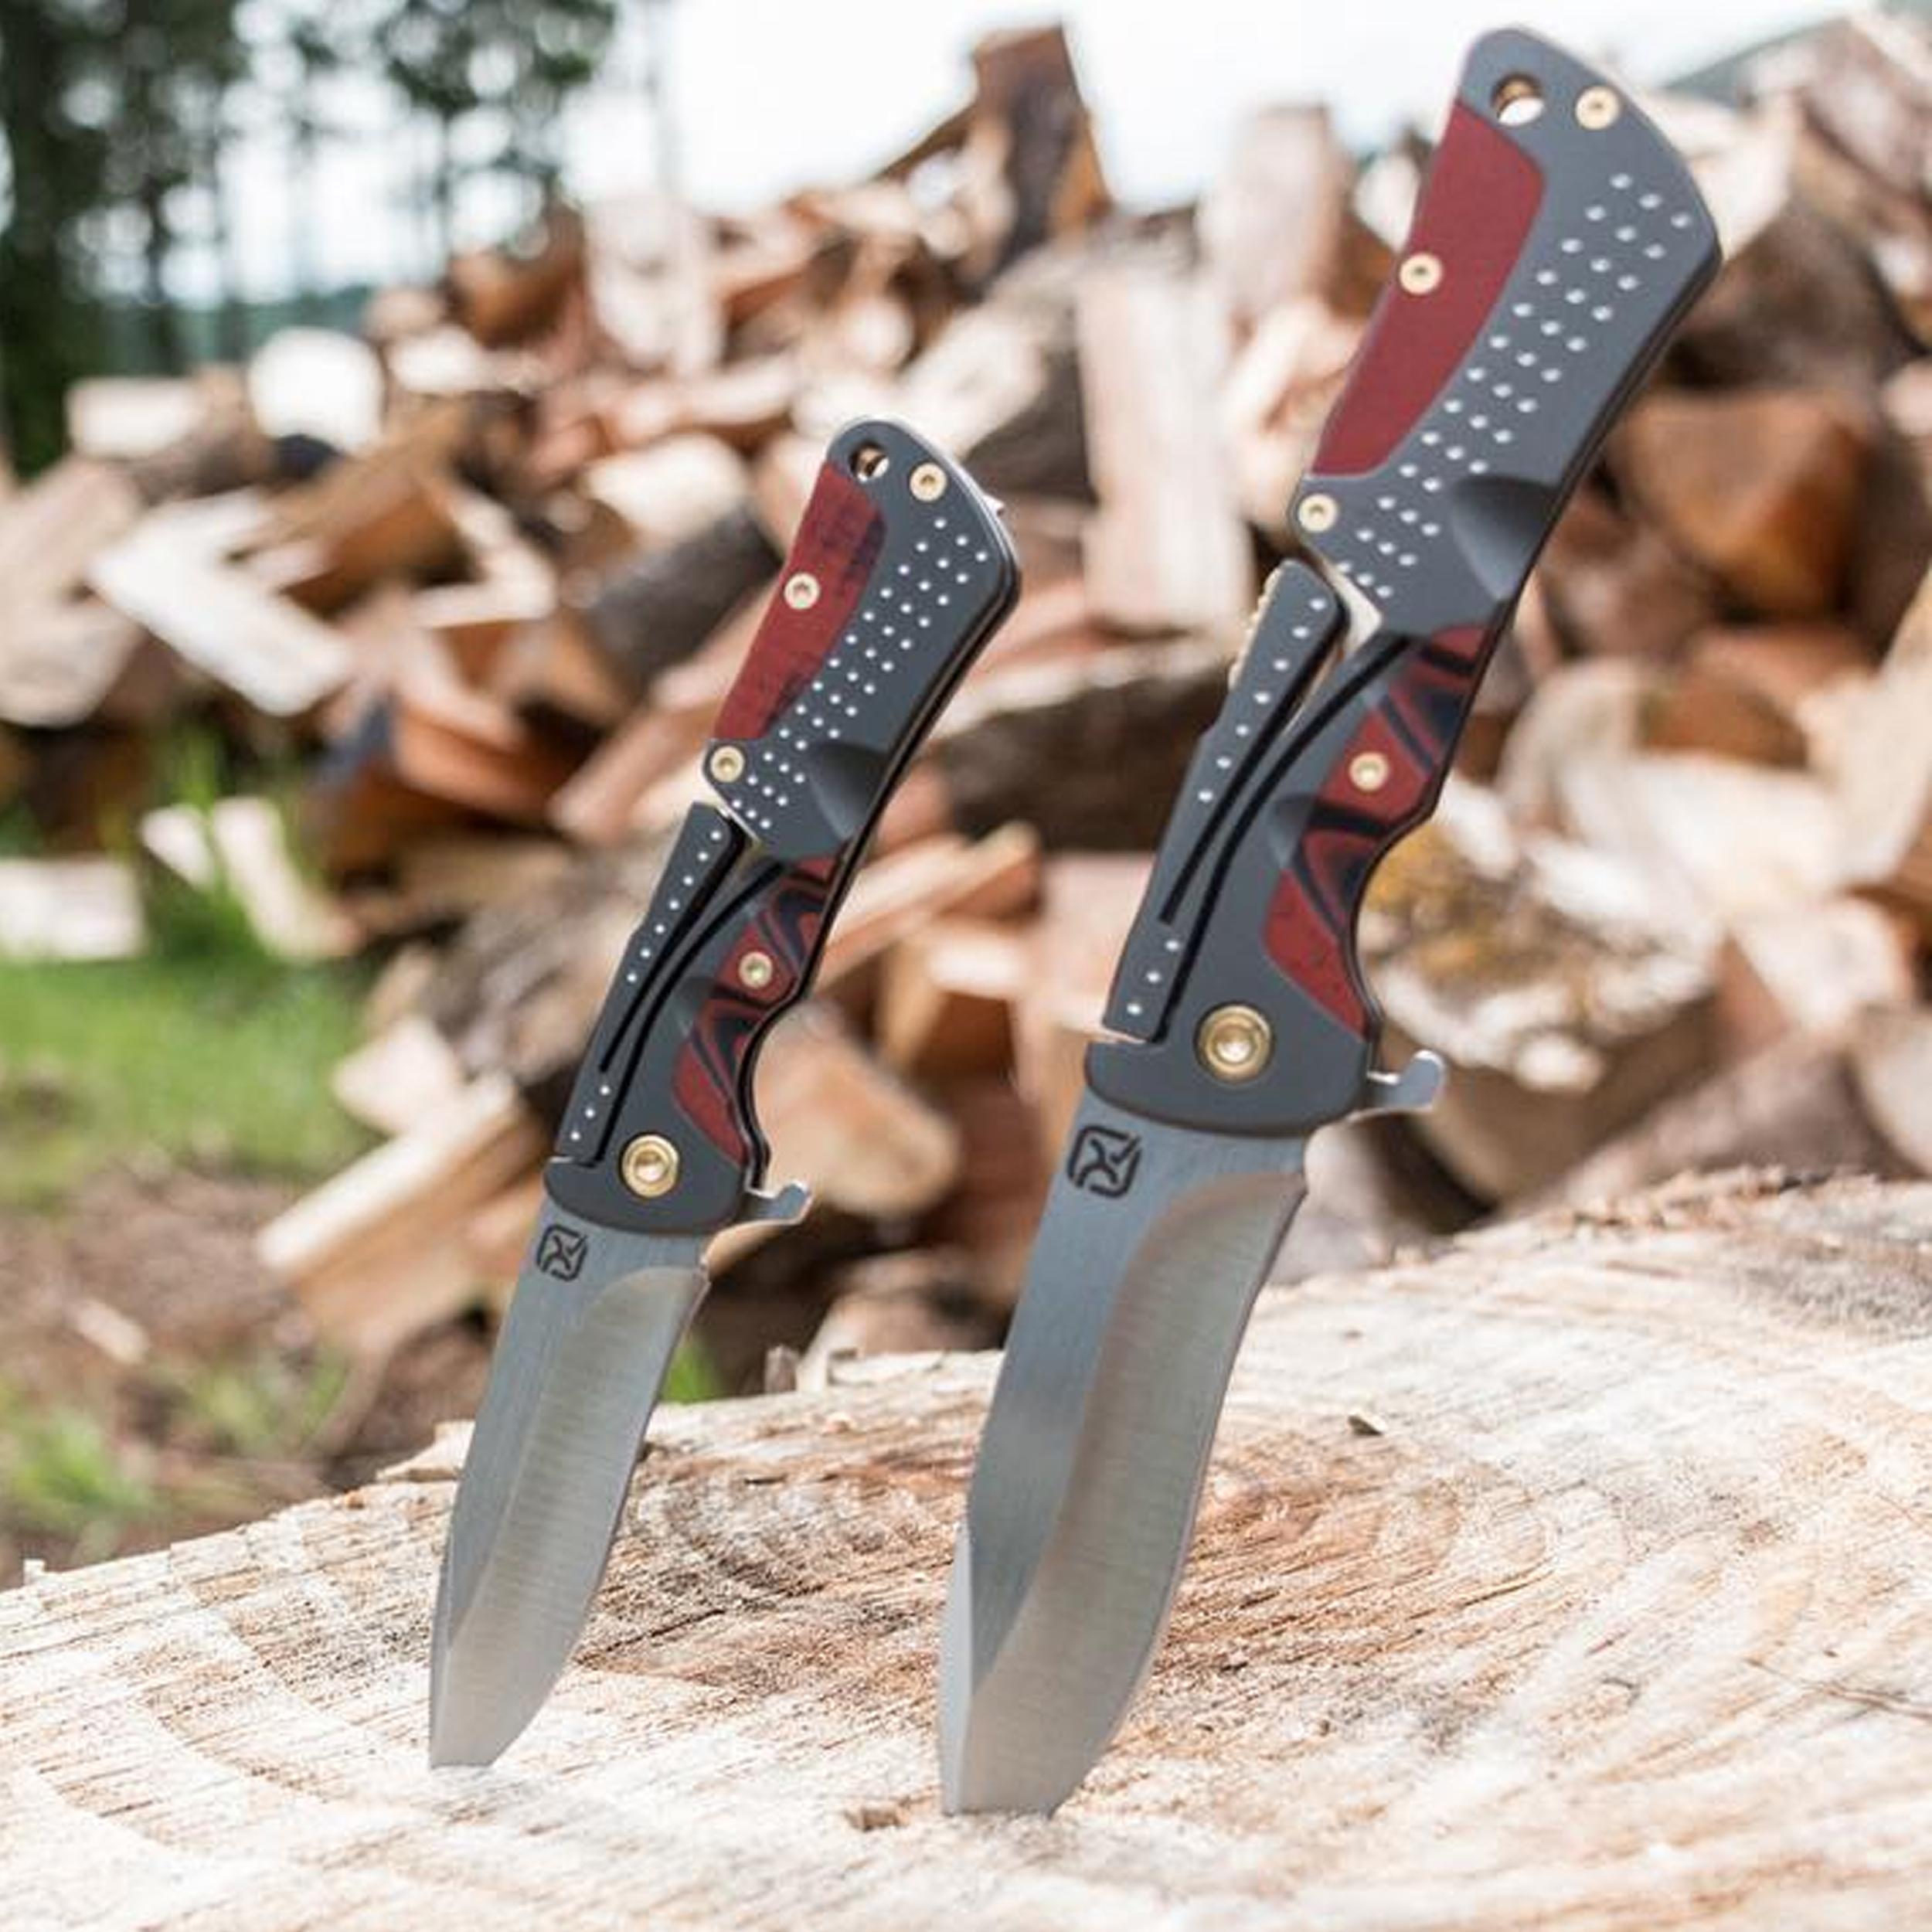 Klecker-Knives-Cordovan-Lite-Folding-Knife-2-88-034-Blade-Stainless-Steel thumbnail 7